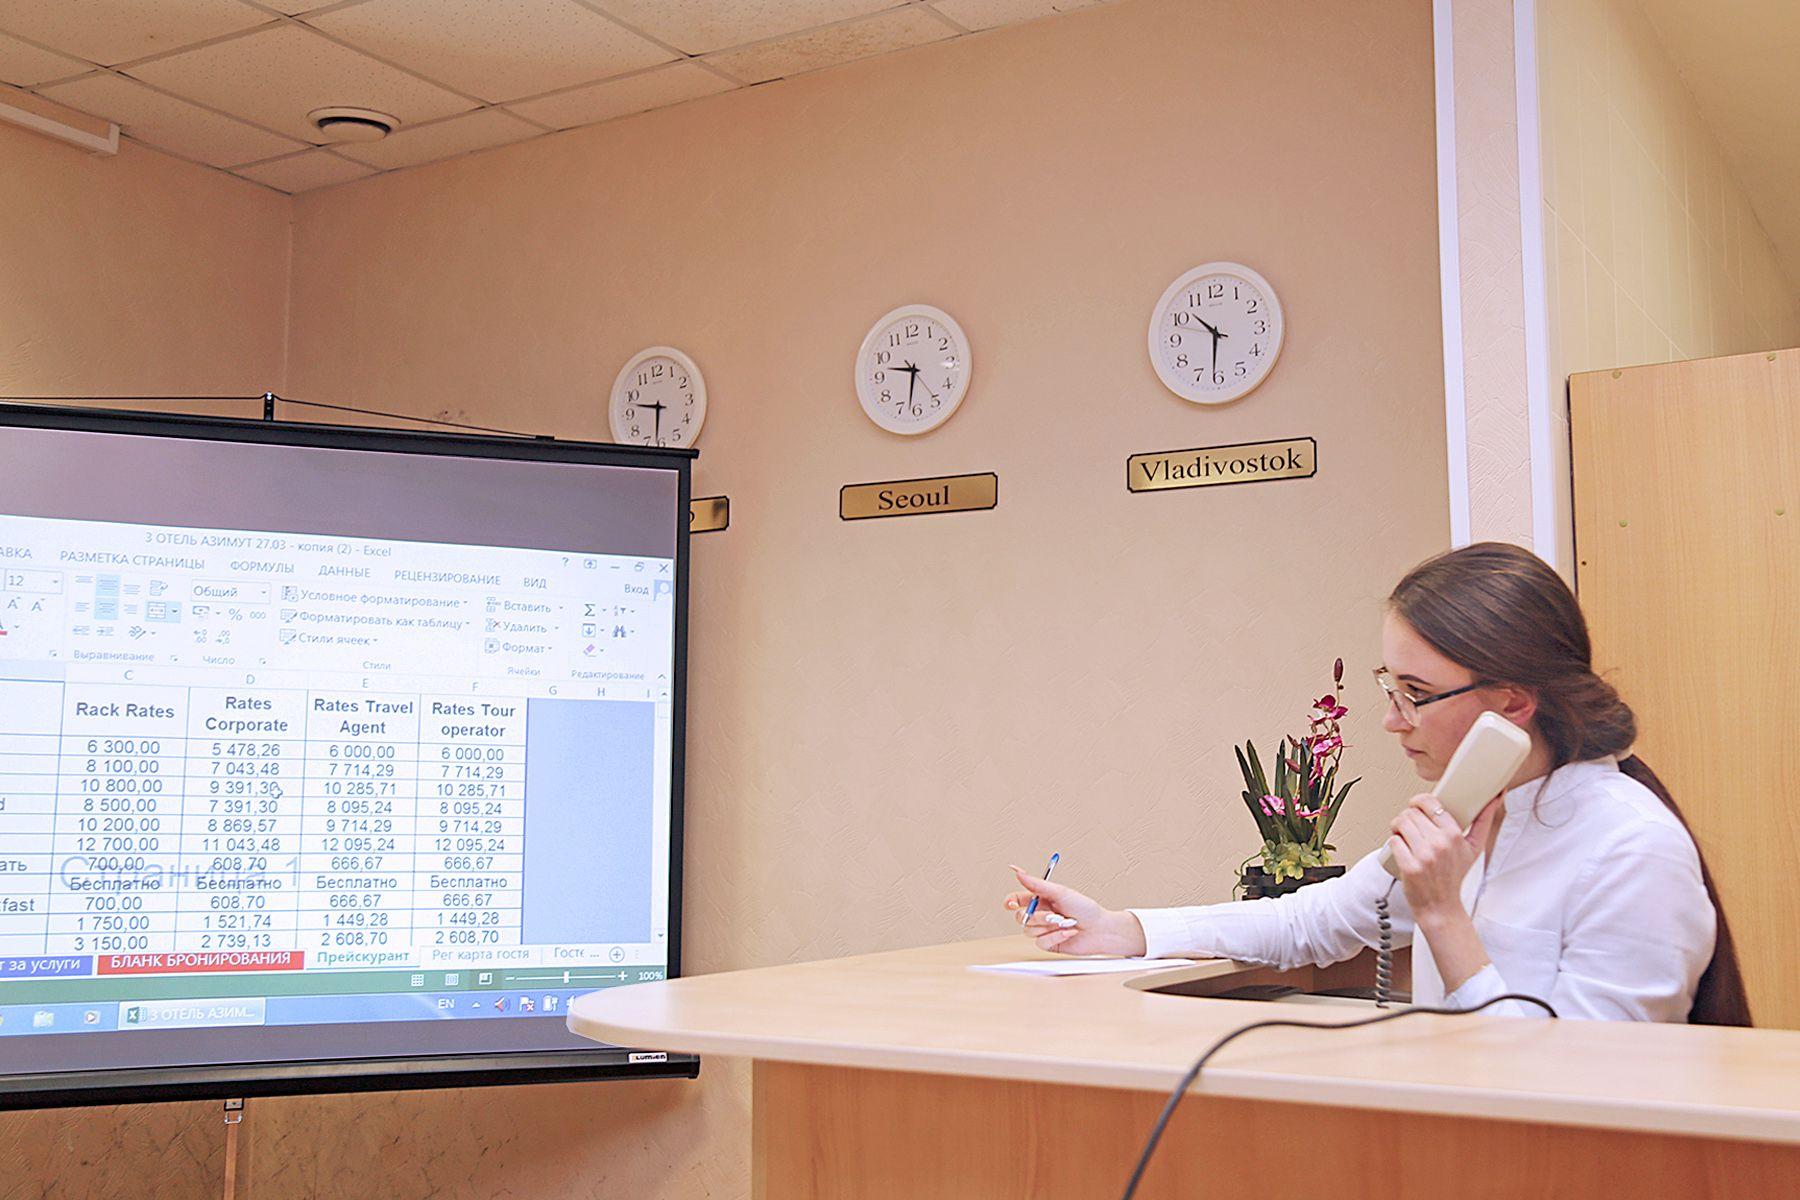 Студенты направления «Гостиничный сервис» филиала ВГУЭС в Артеме доказывают свой профессионализм